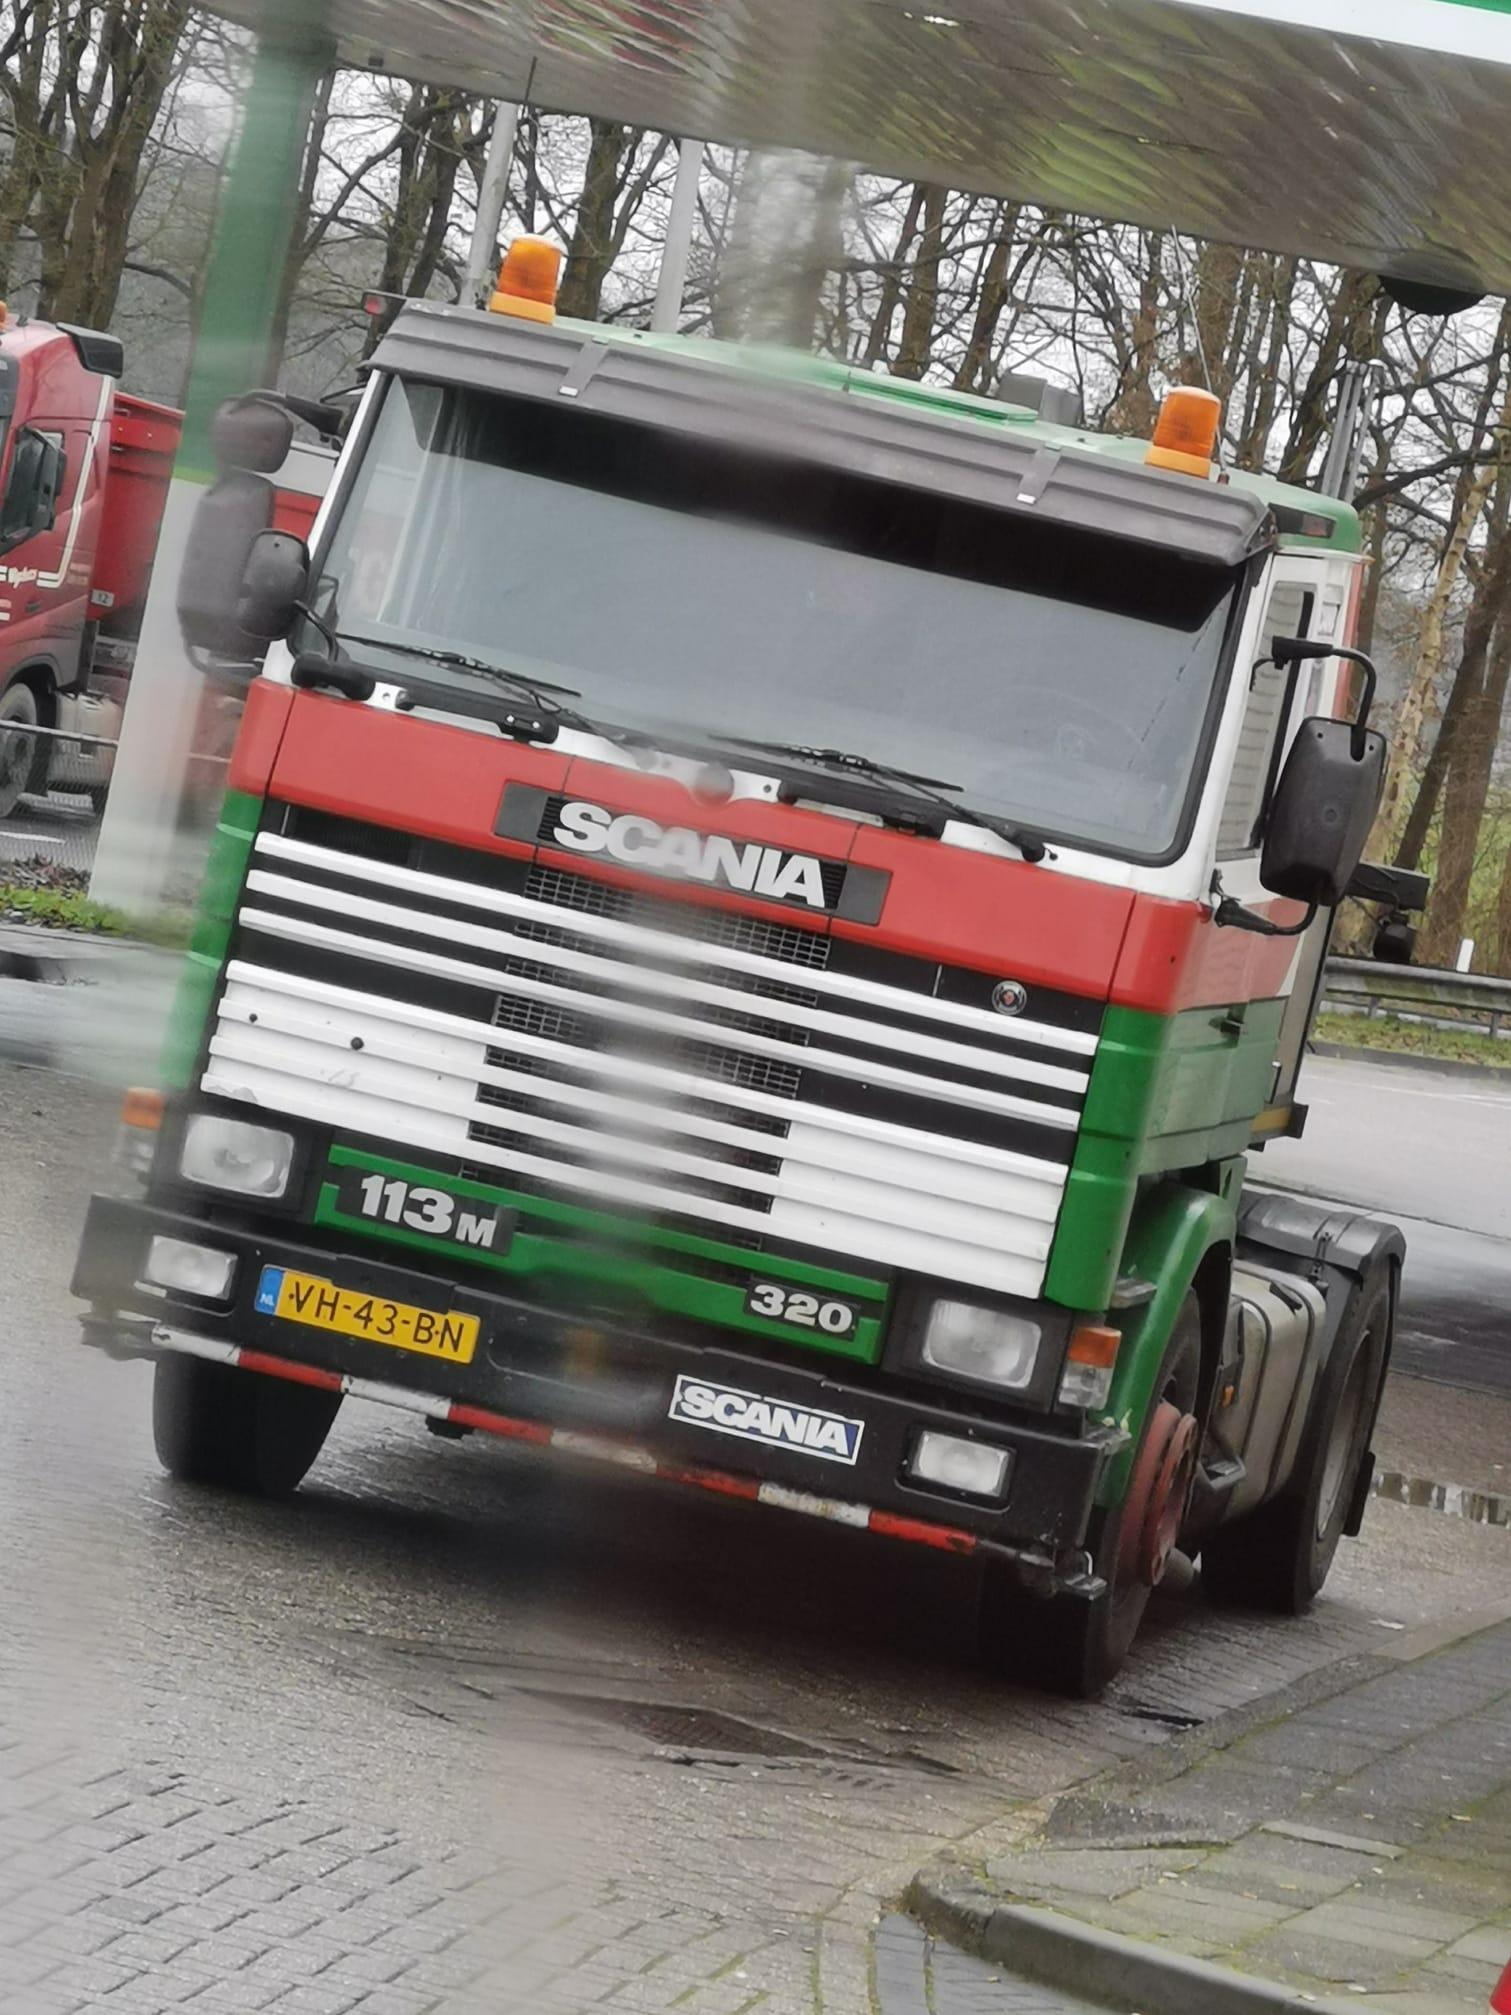 Scania-in-Beilen-19-1-2021--Richard-van-Oosten